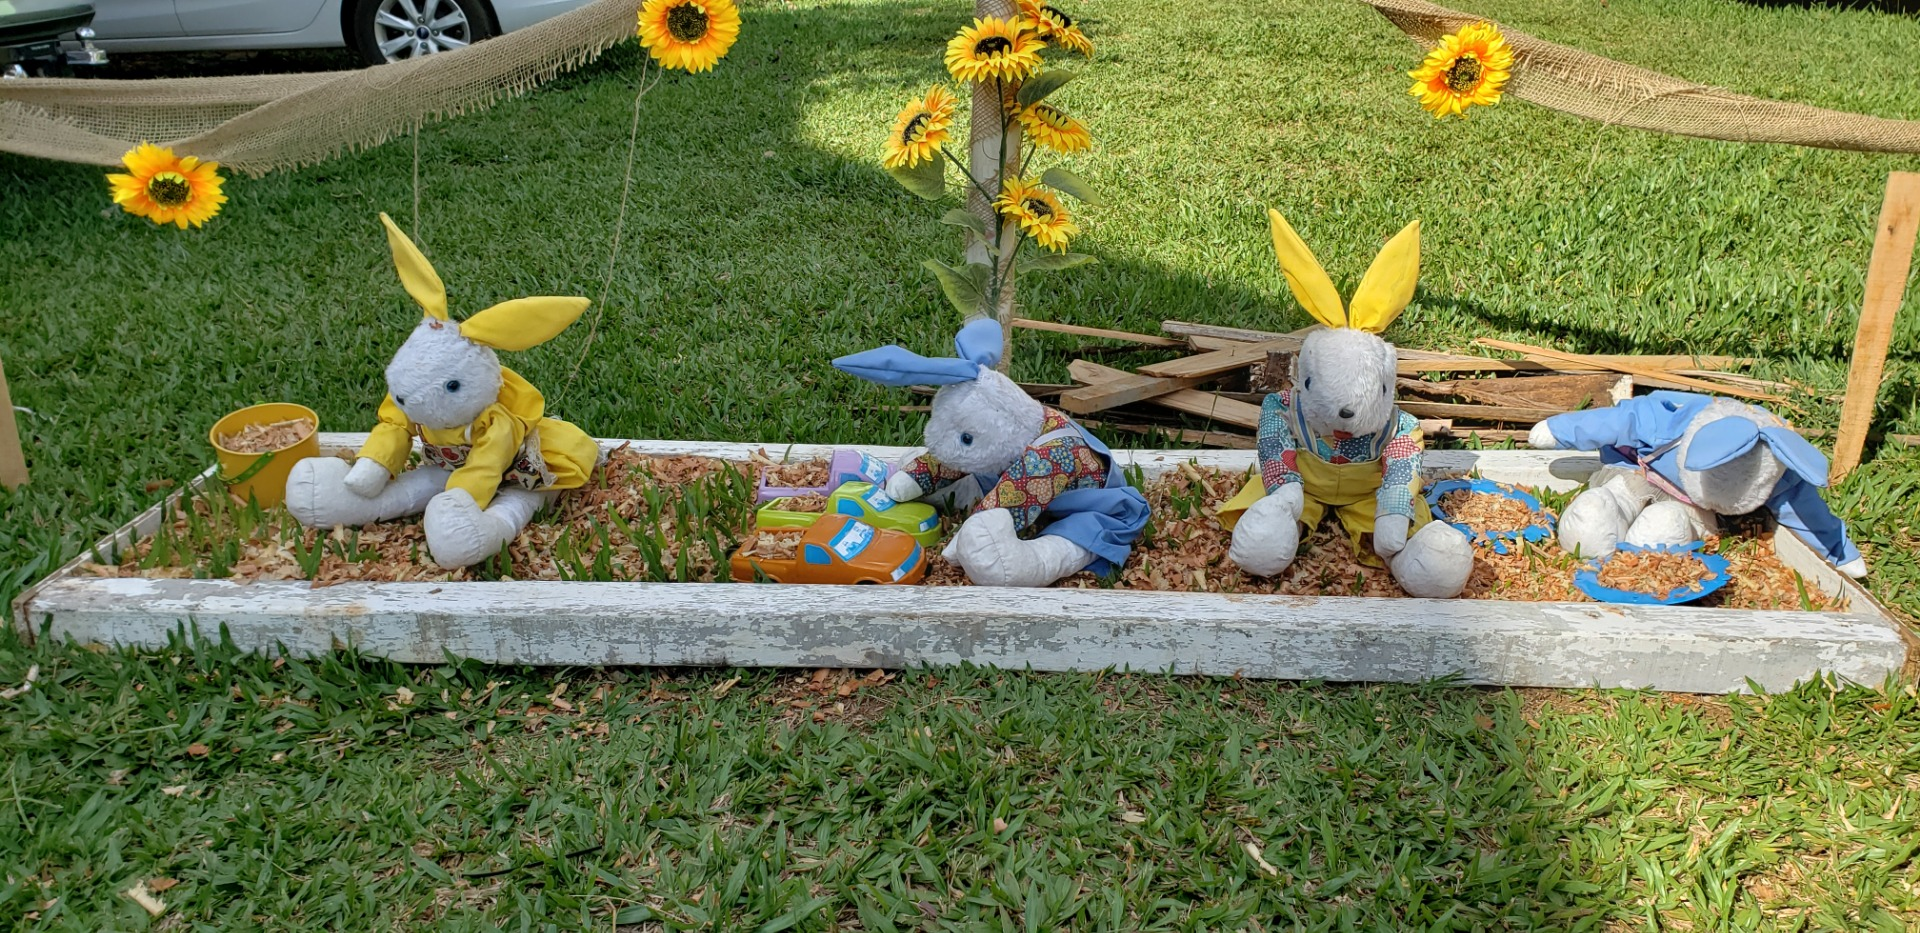 FOTOS: Municípios recebem decoração alusiva a Páscoa